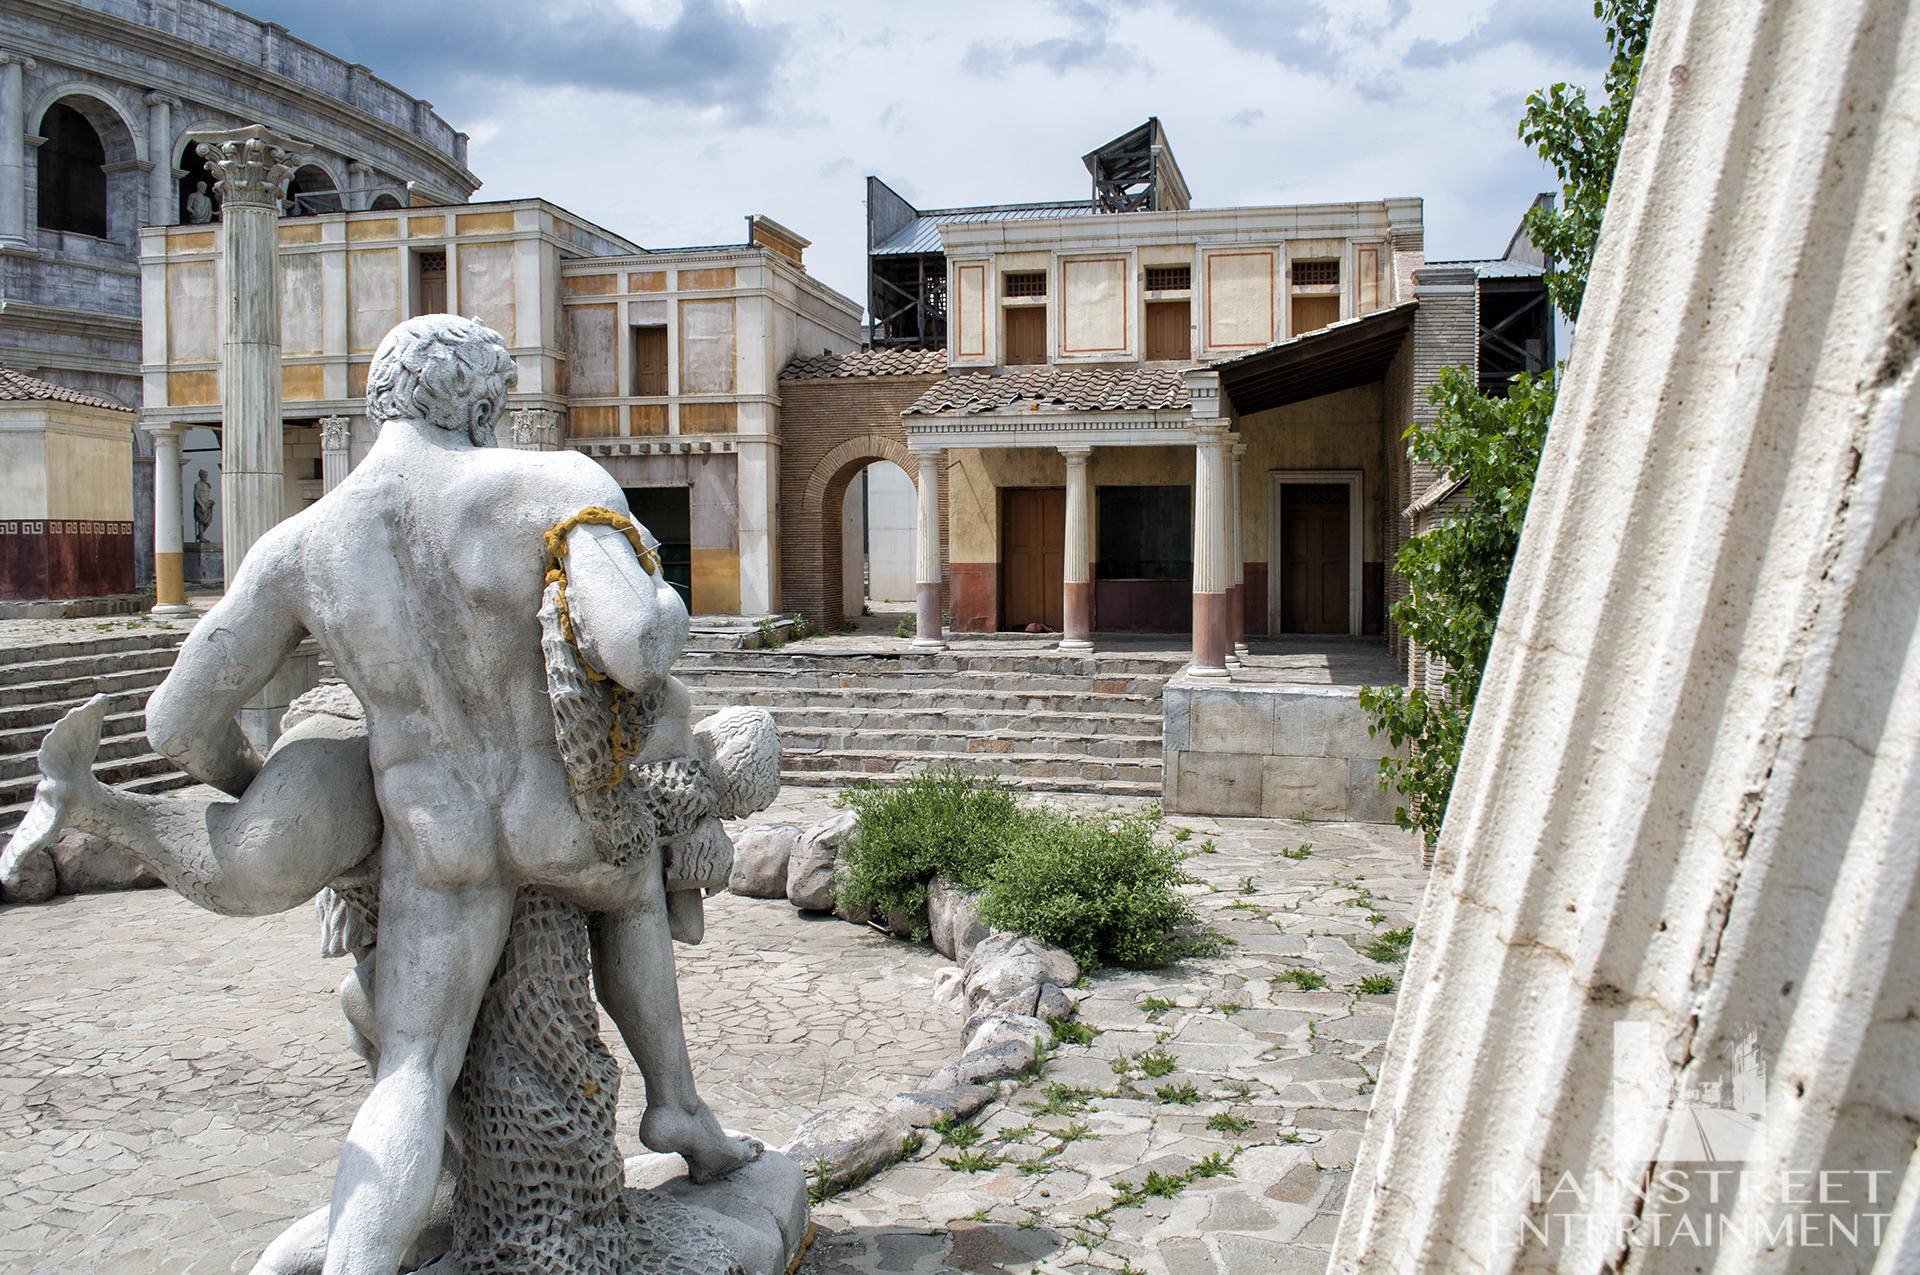 Roman film set